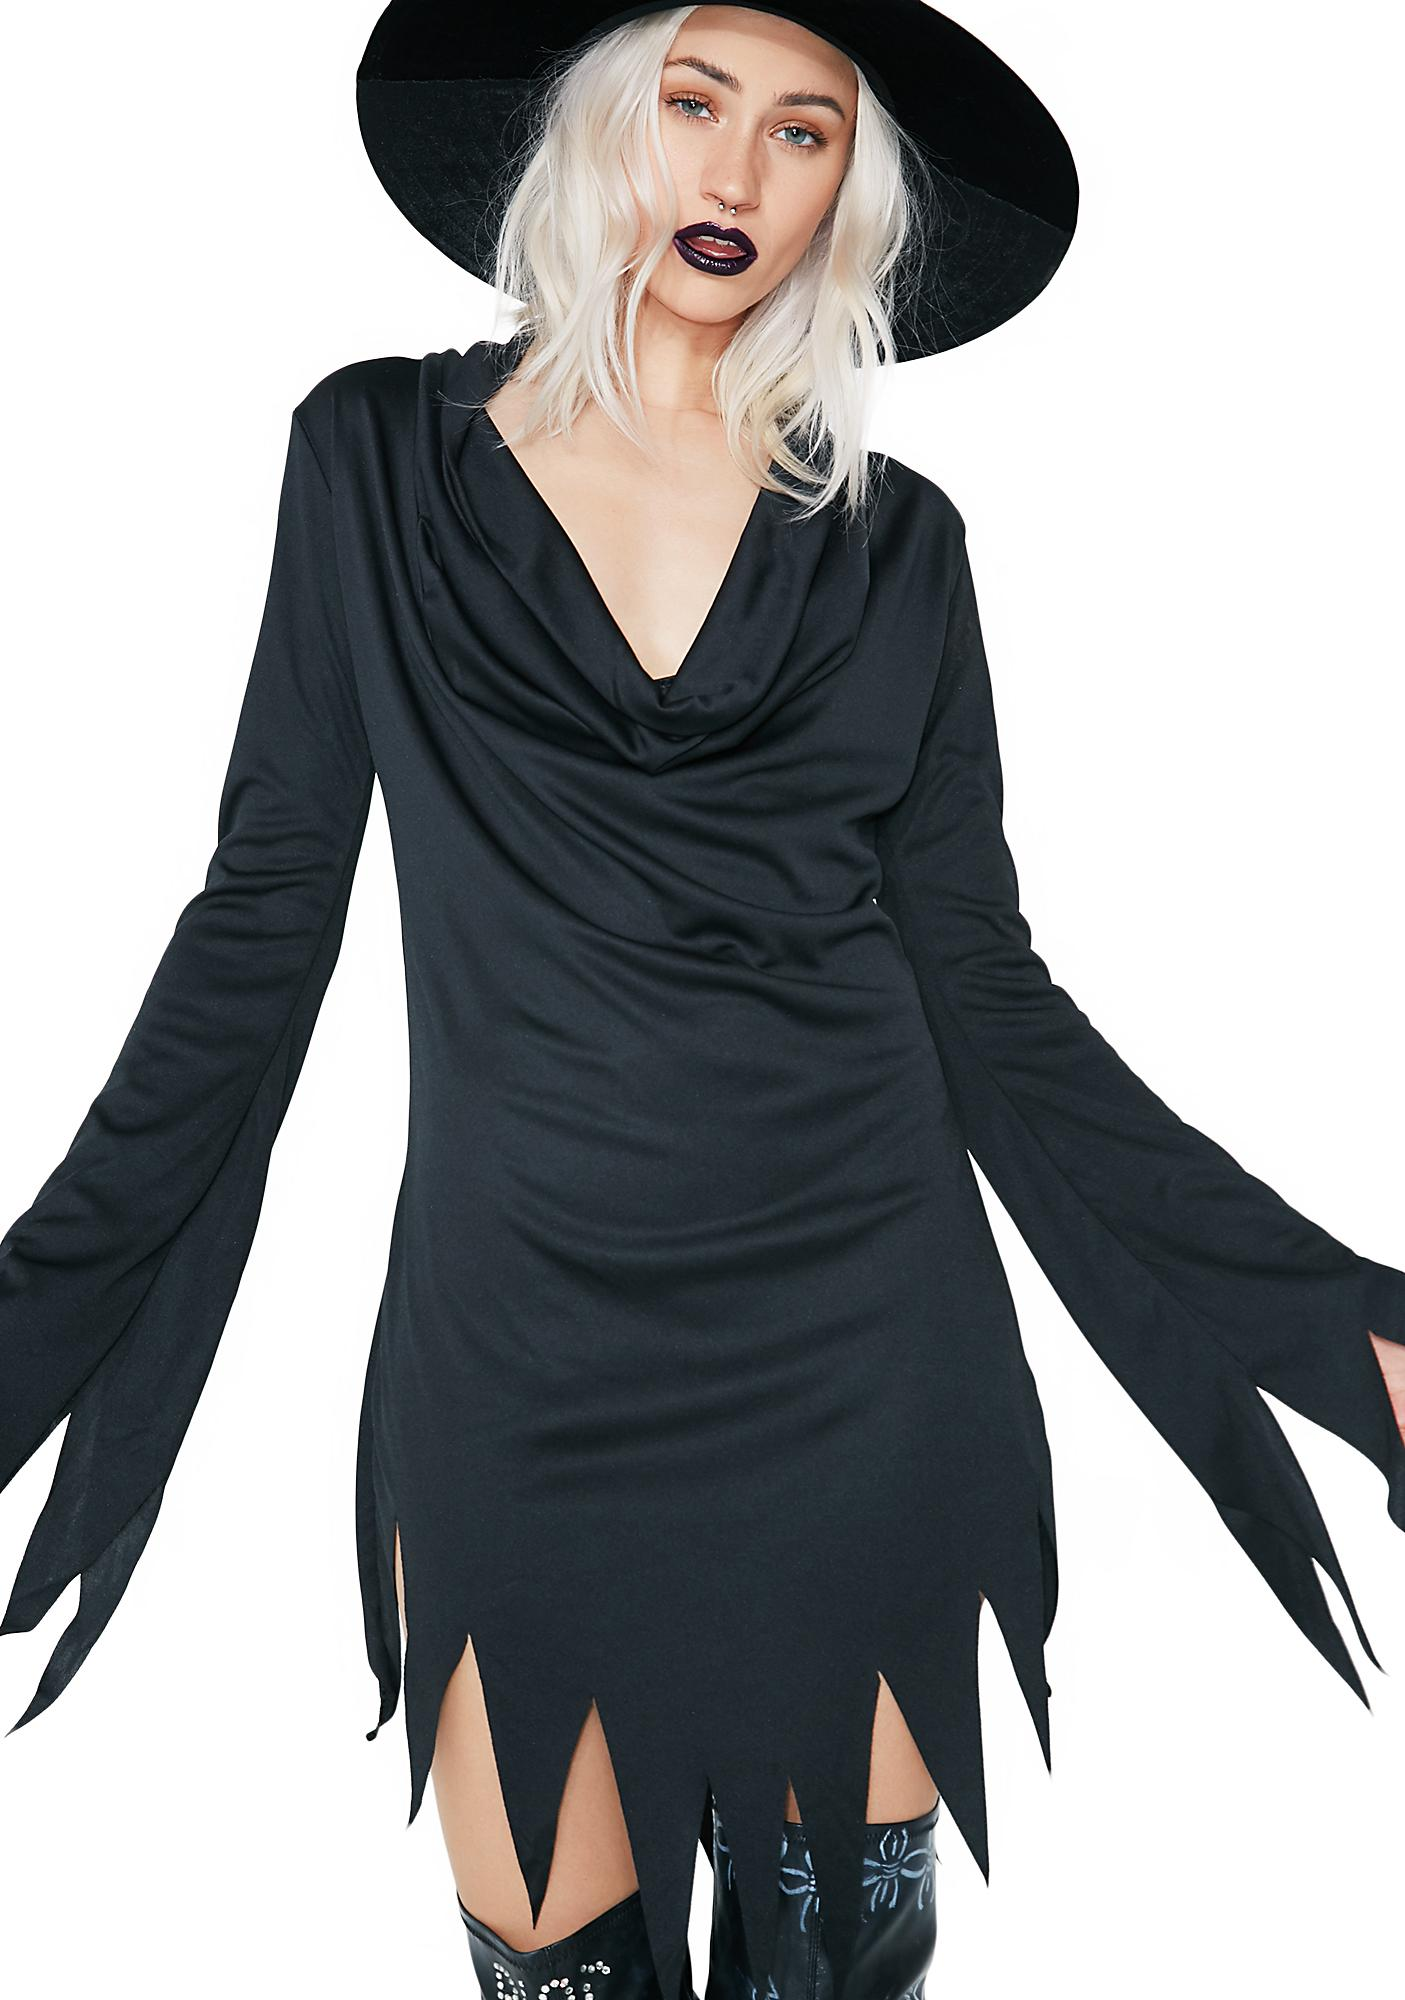 Bitchy Witch Dress